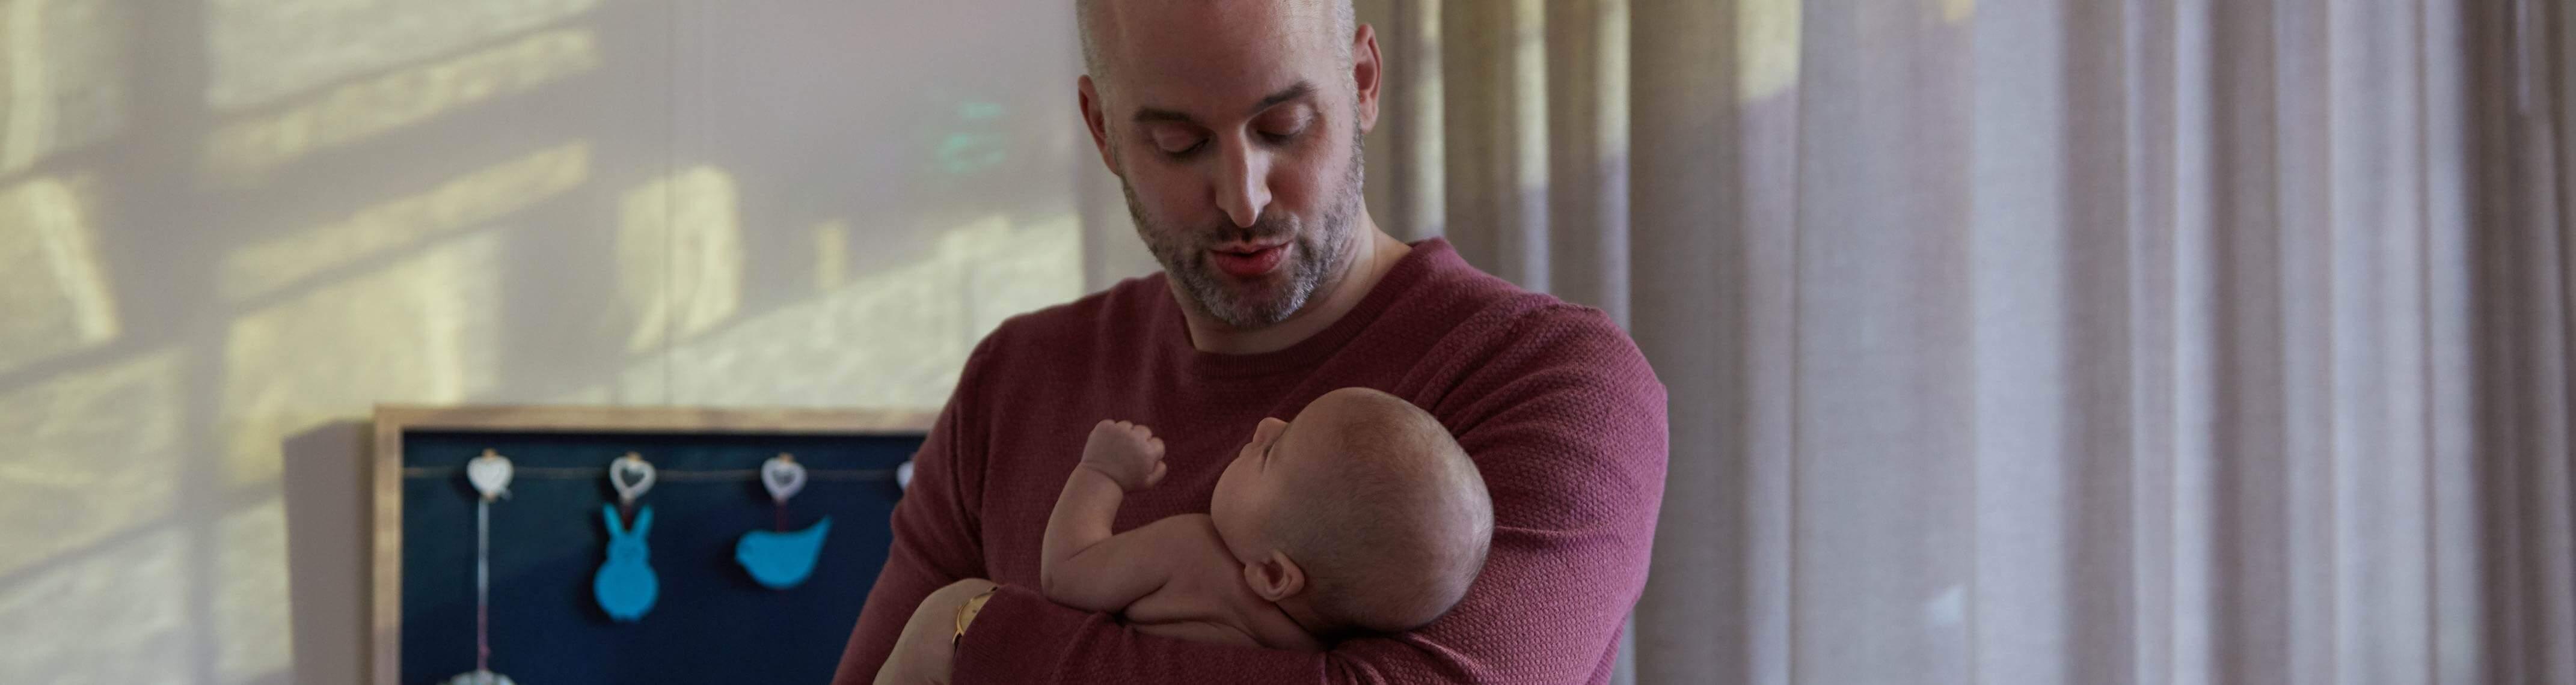 Papa haciendo dormir bebe